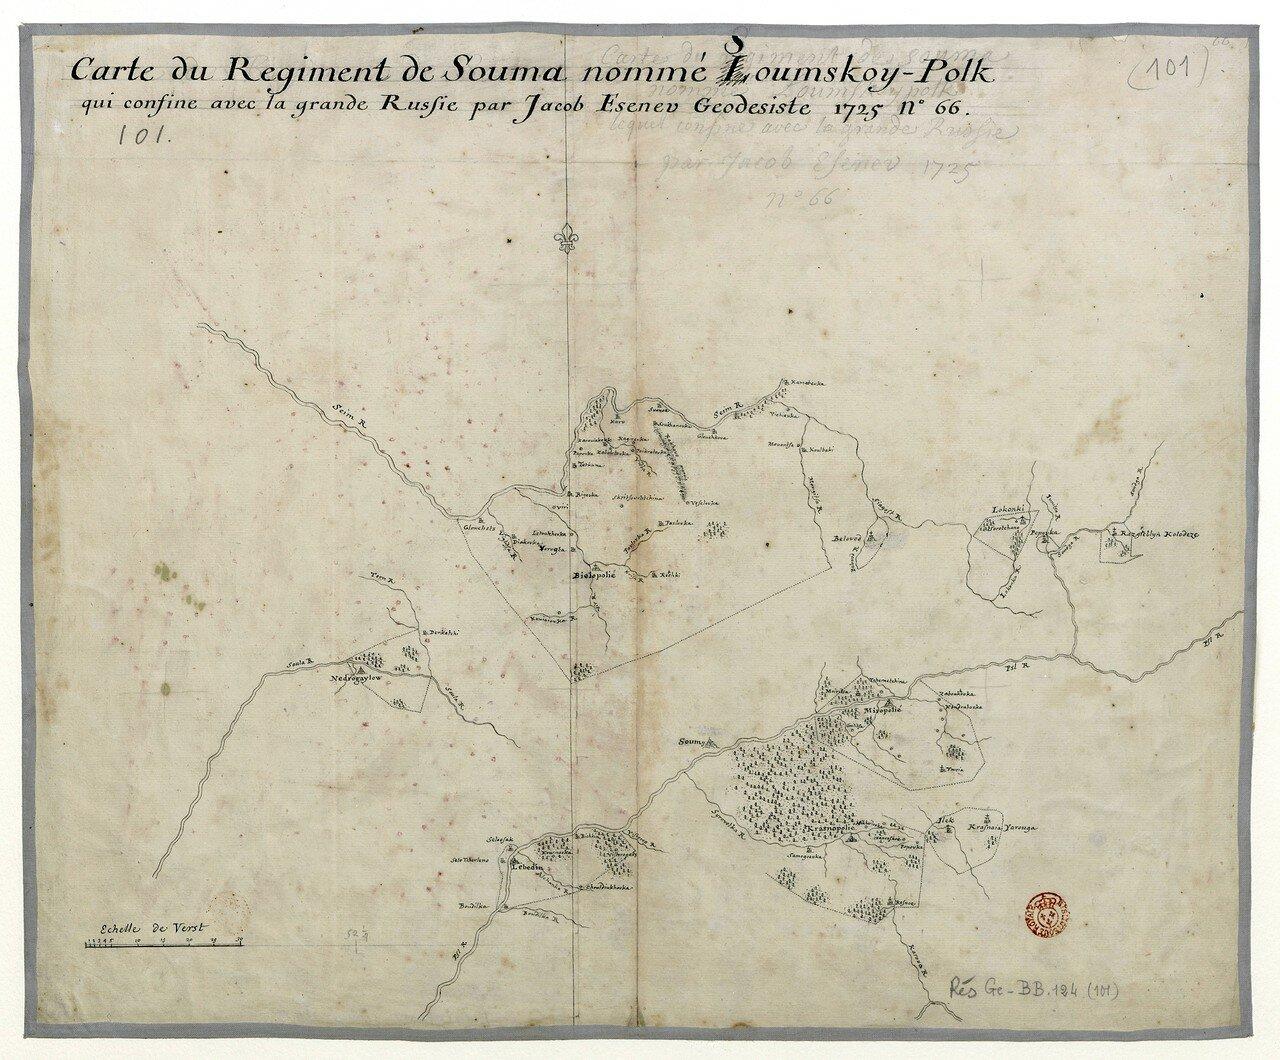 Карта земель Сумского слободского казацкого полка, составленная в 1725 году геодезистом Яковом Есеневым